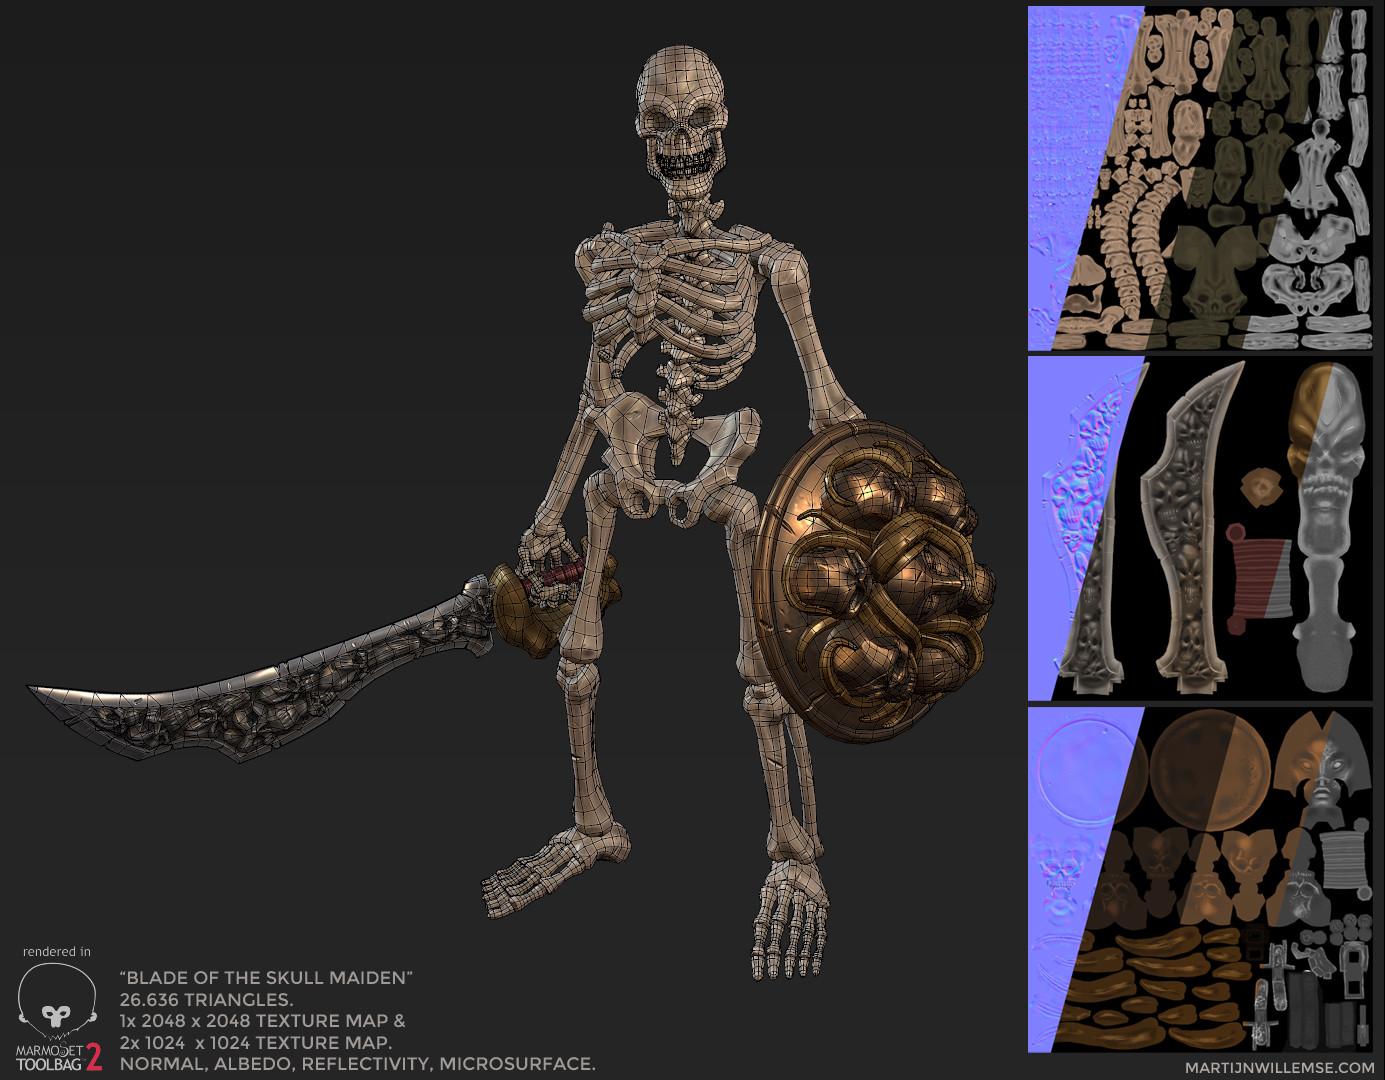 Martijn willemse skeleton 03